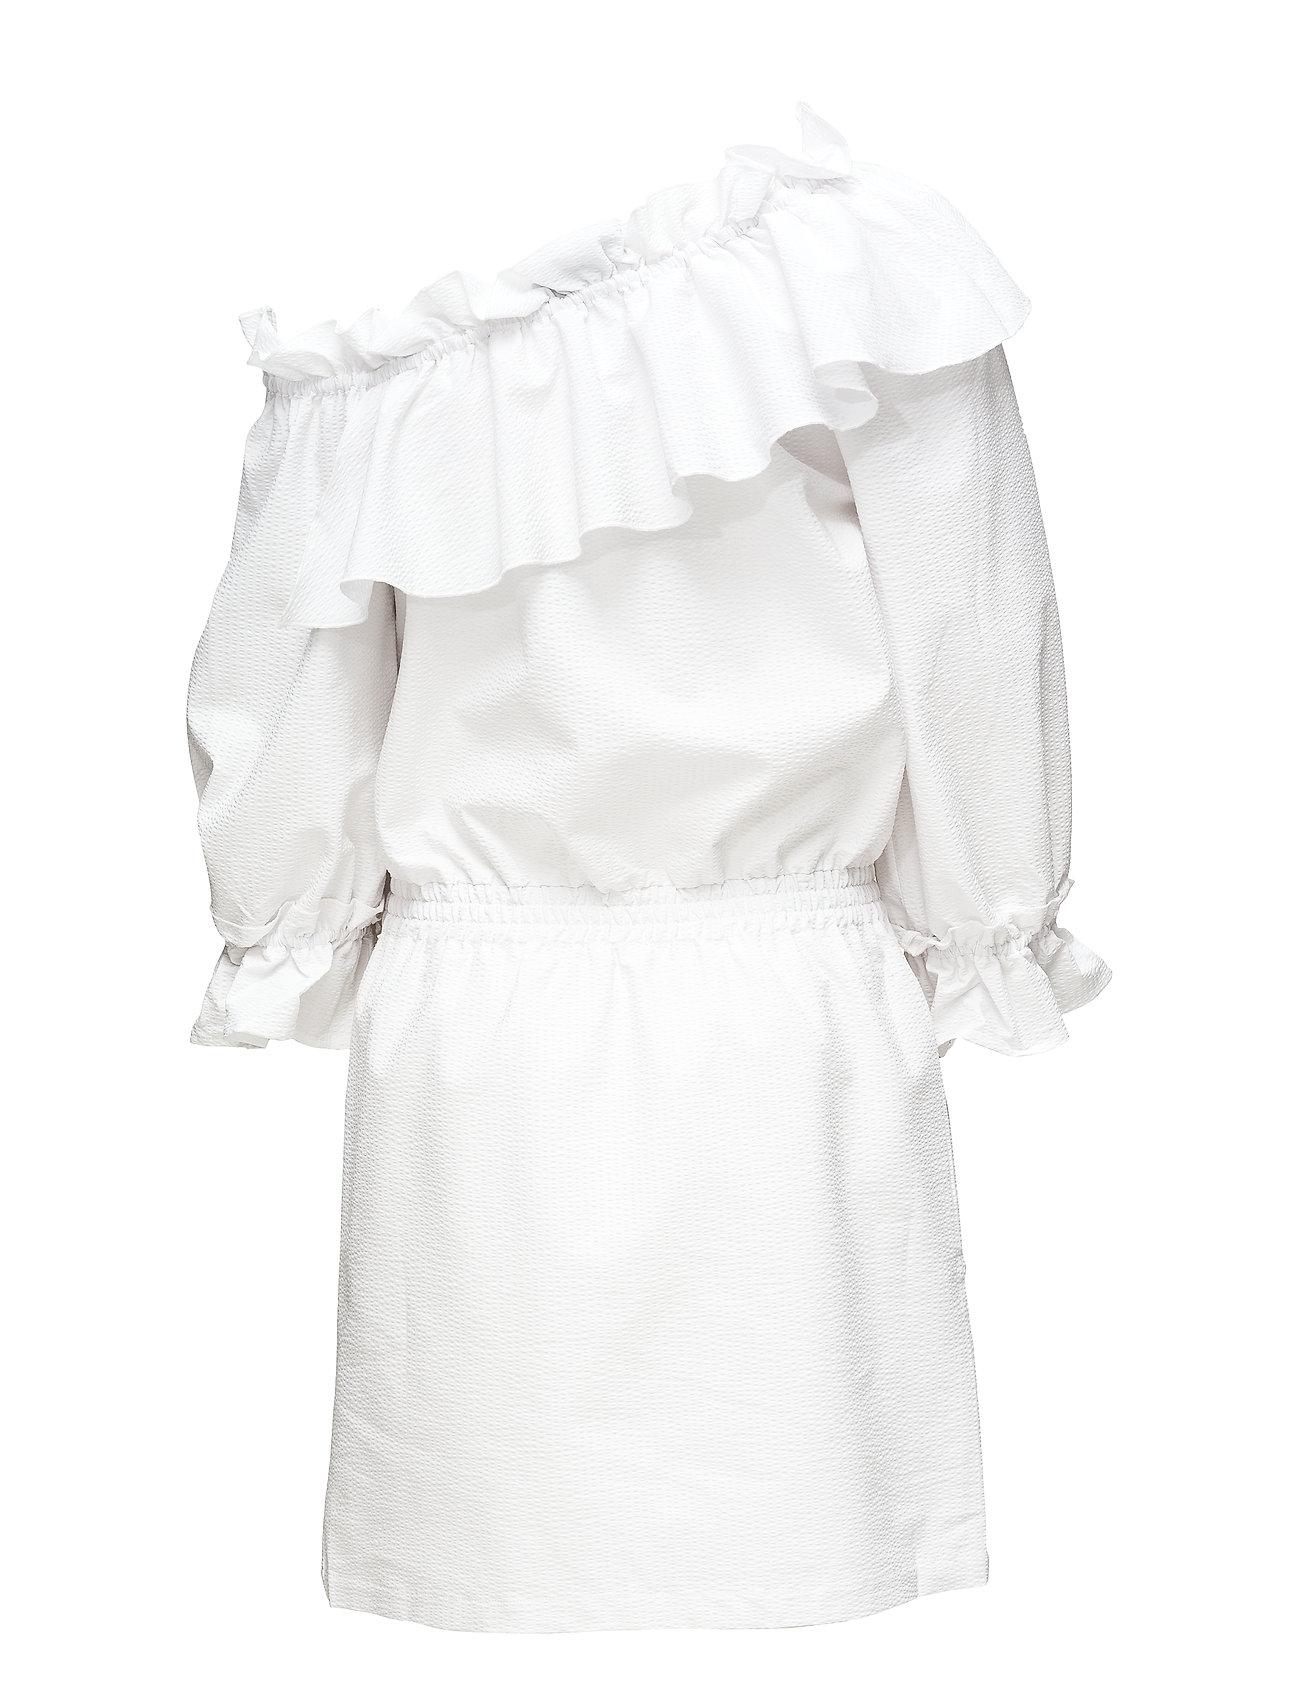 8833cdff612 Dennis Dress korte kjoler fra Designers Remix til dame i Hvid ...